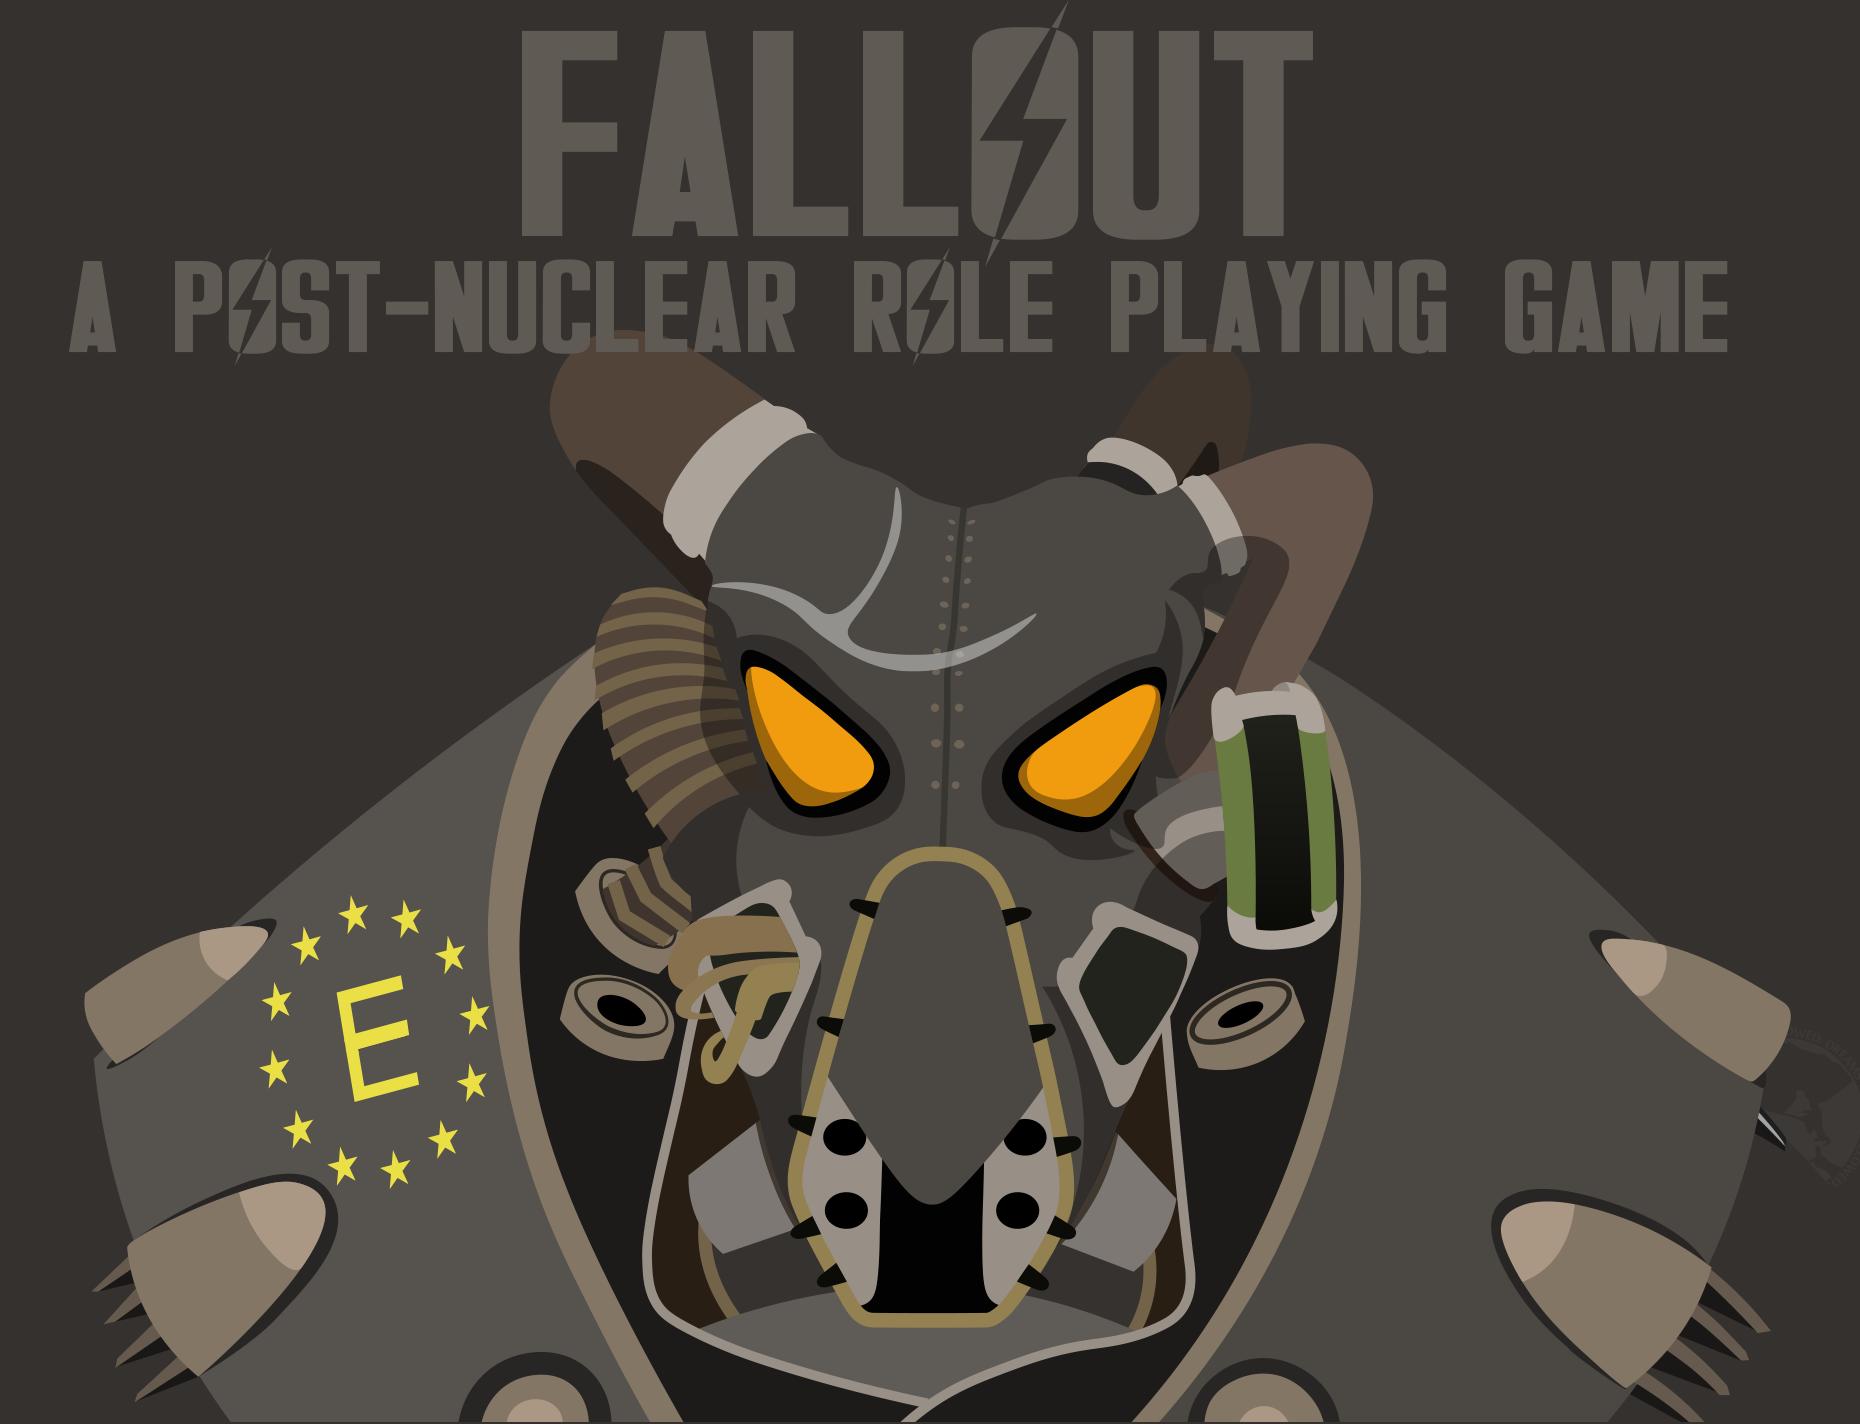 Fallout clipart fallout 2 Fallout 2 Fallout Enclave Gab3n